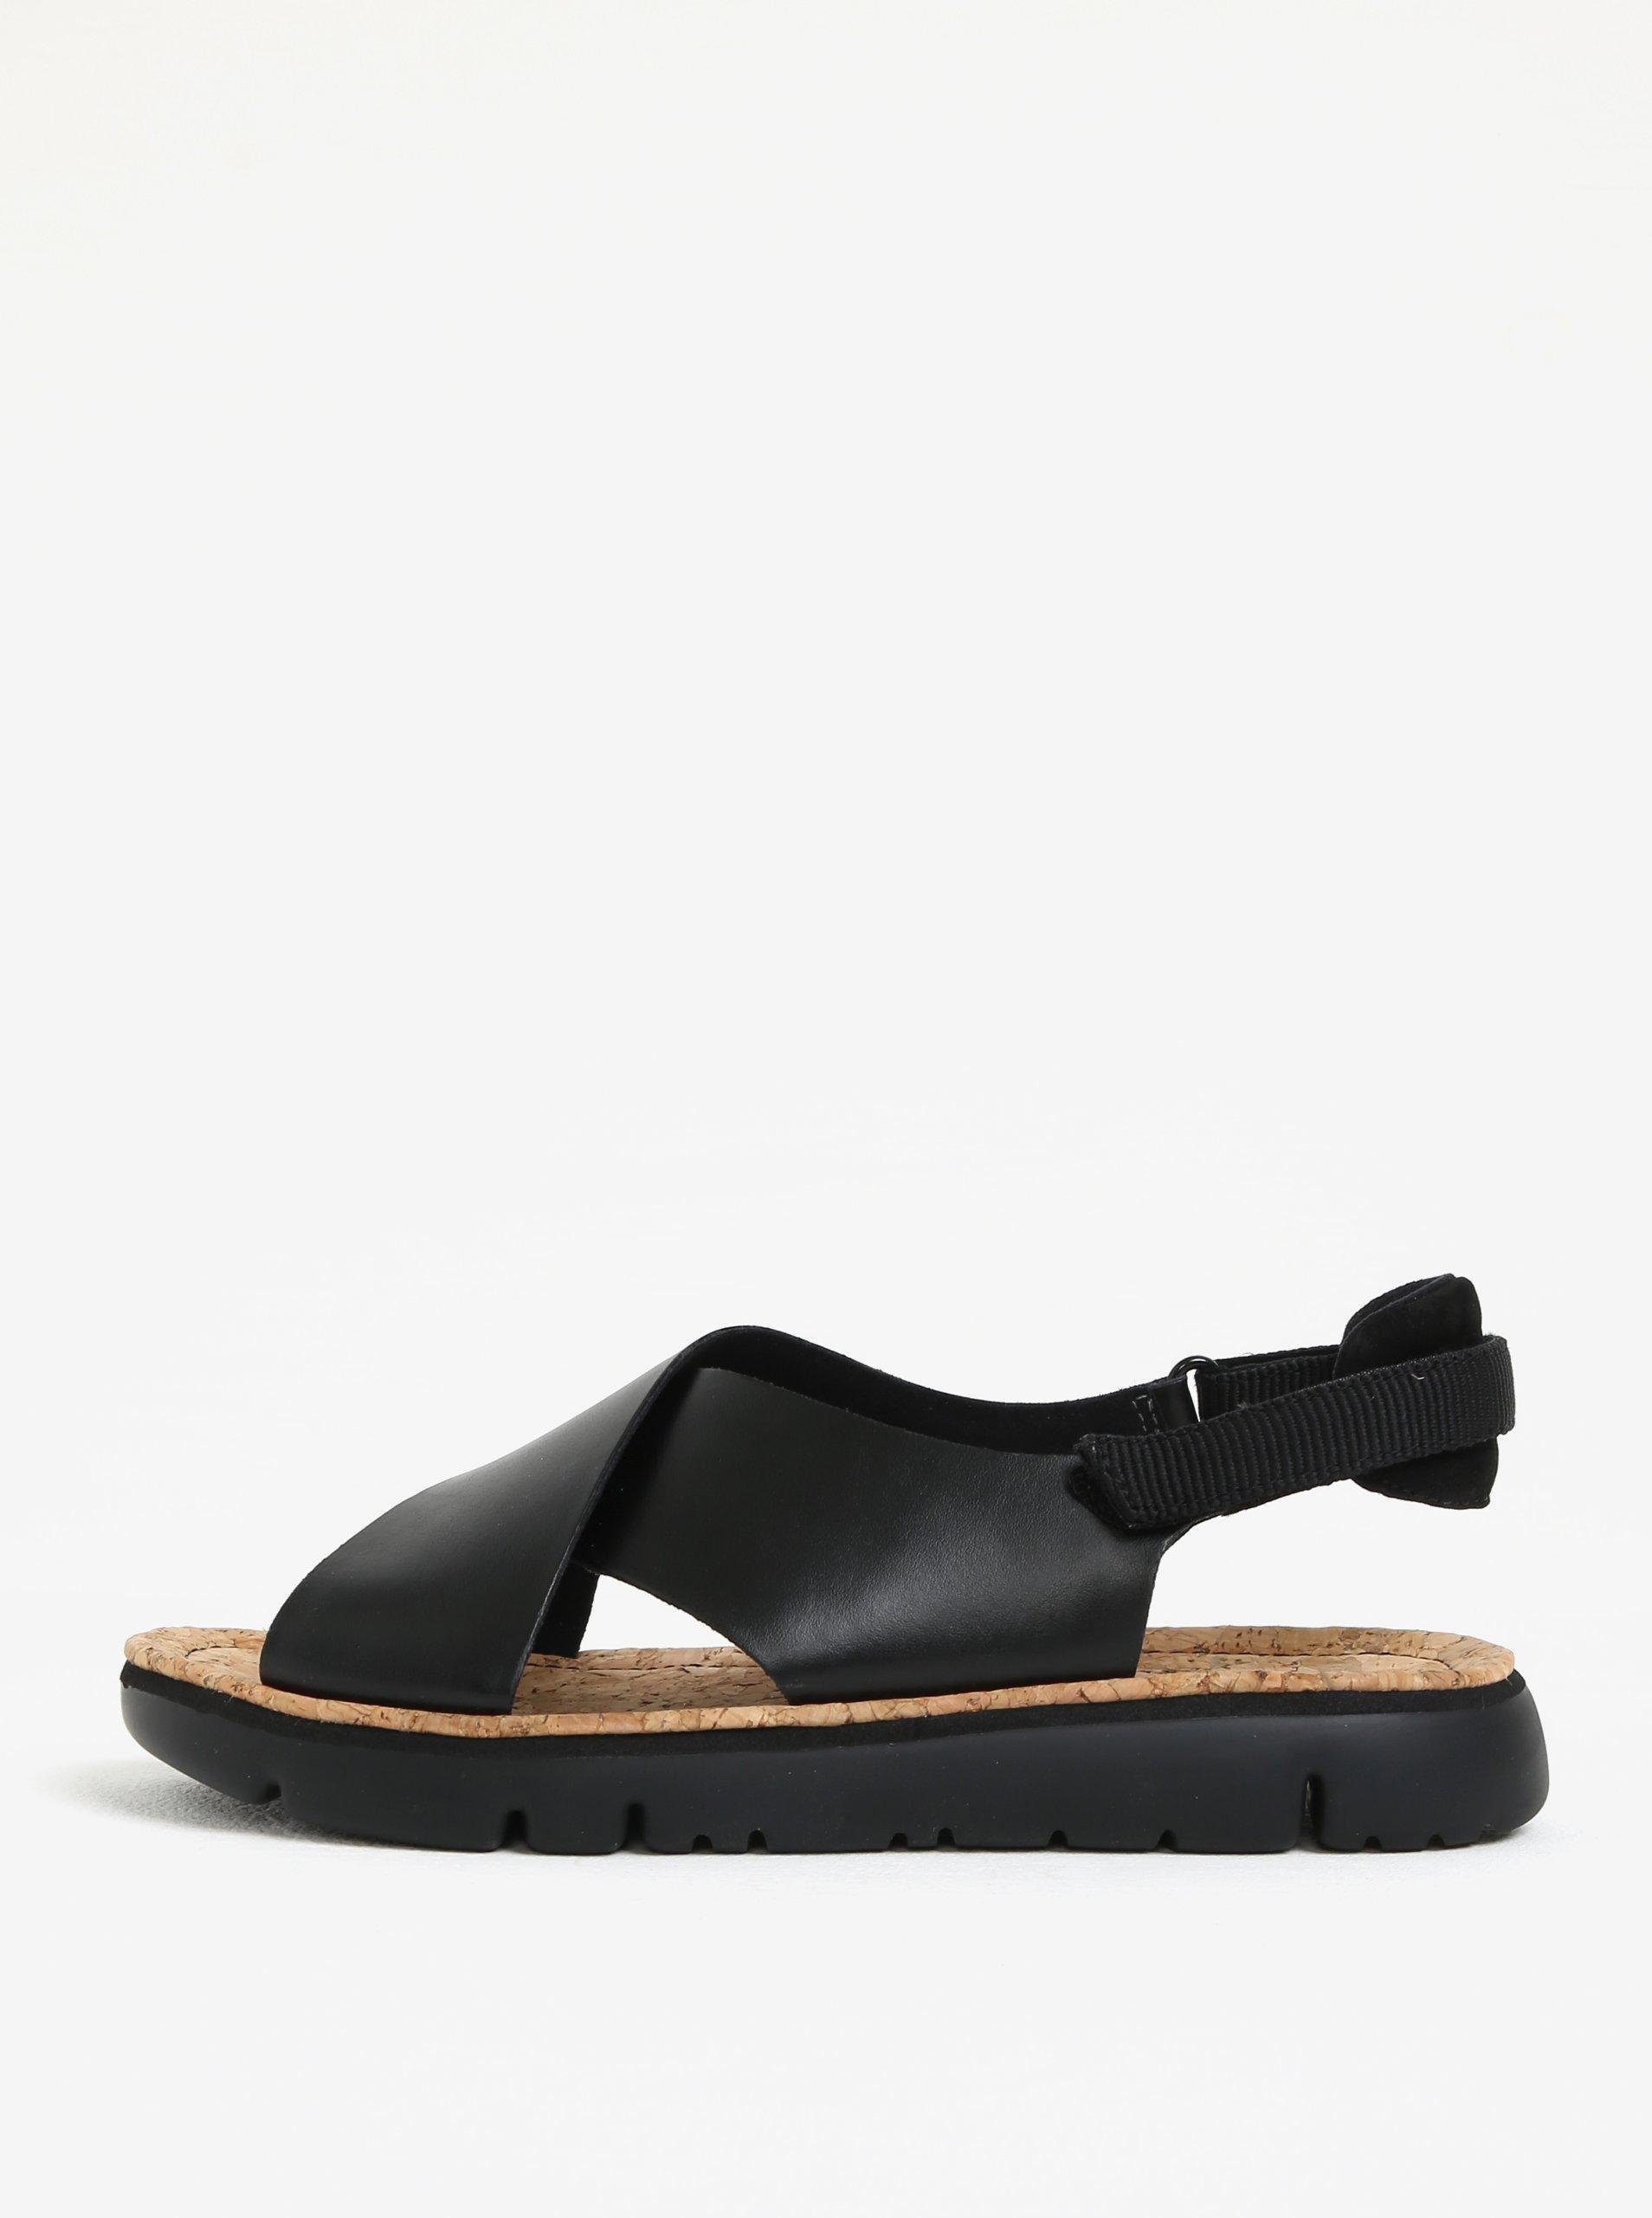 9f55d083b0468 Čierne dámske kožené sandálky Camper   Moda.sk